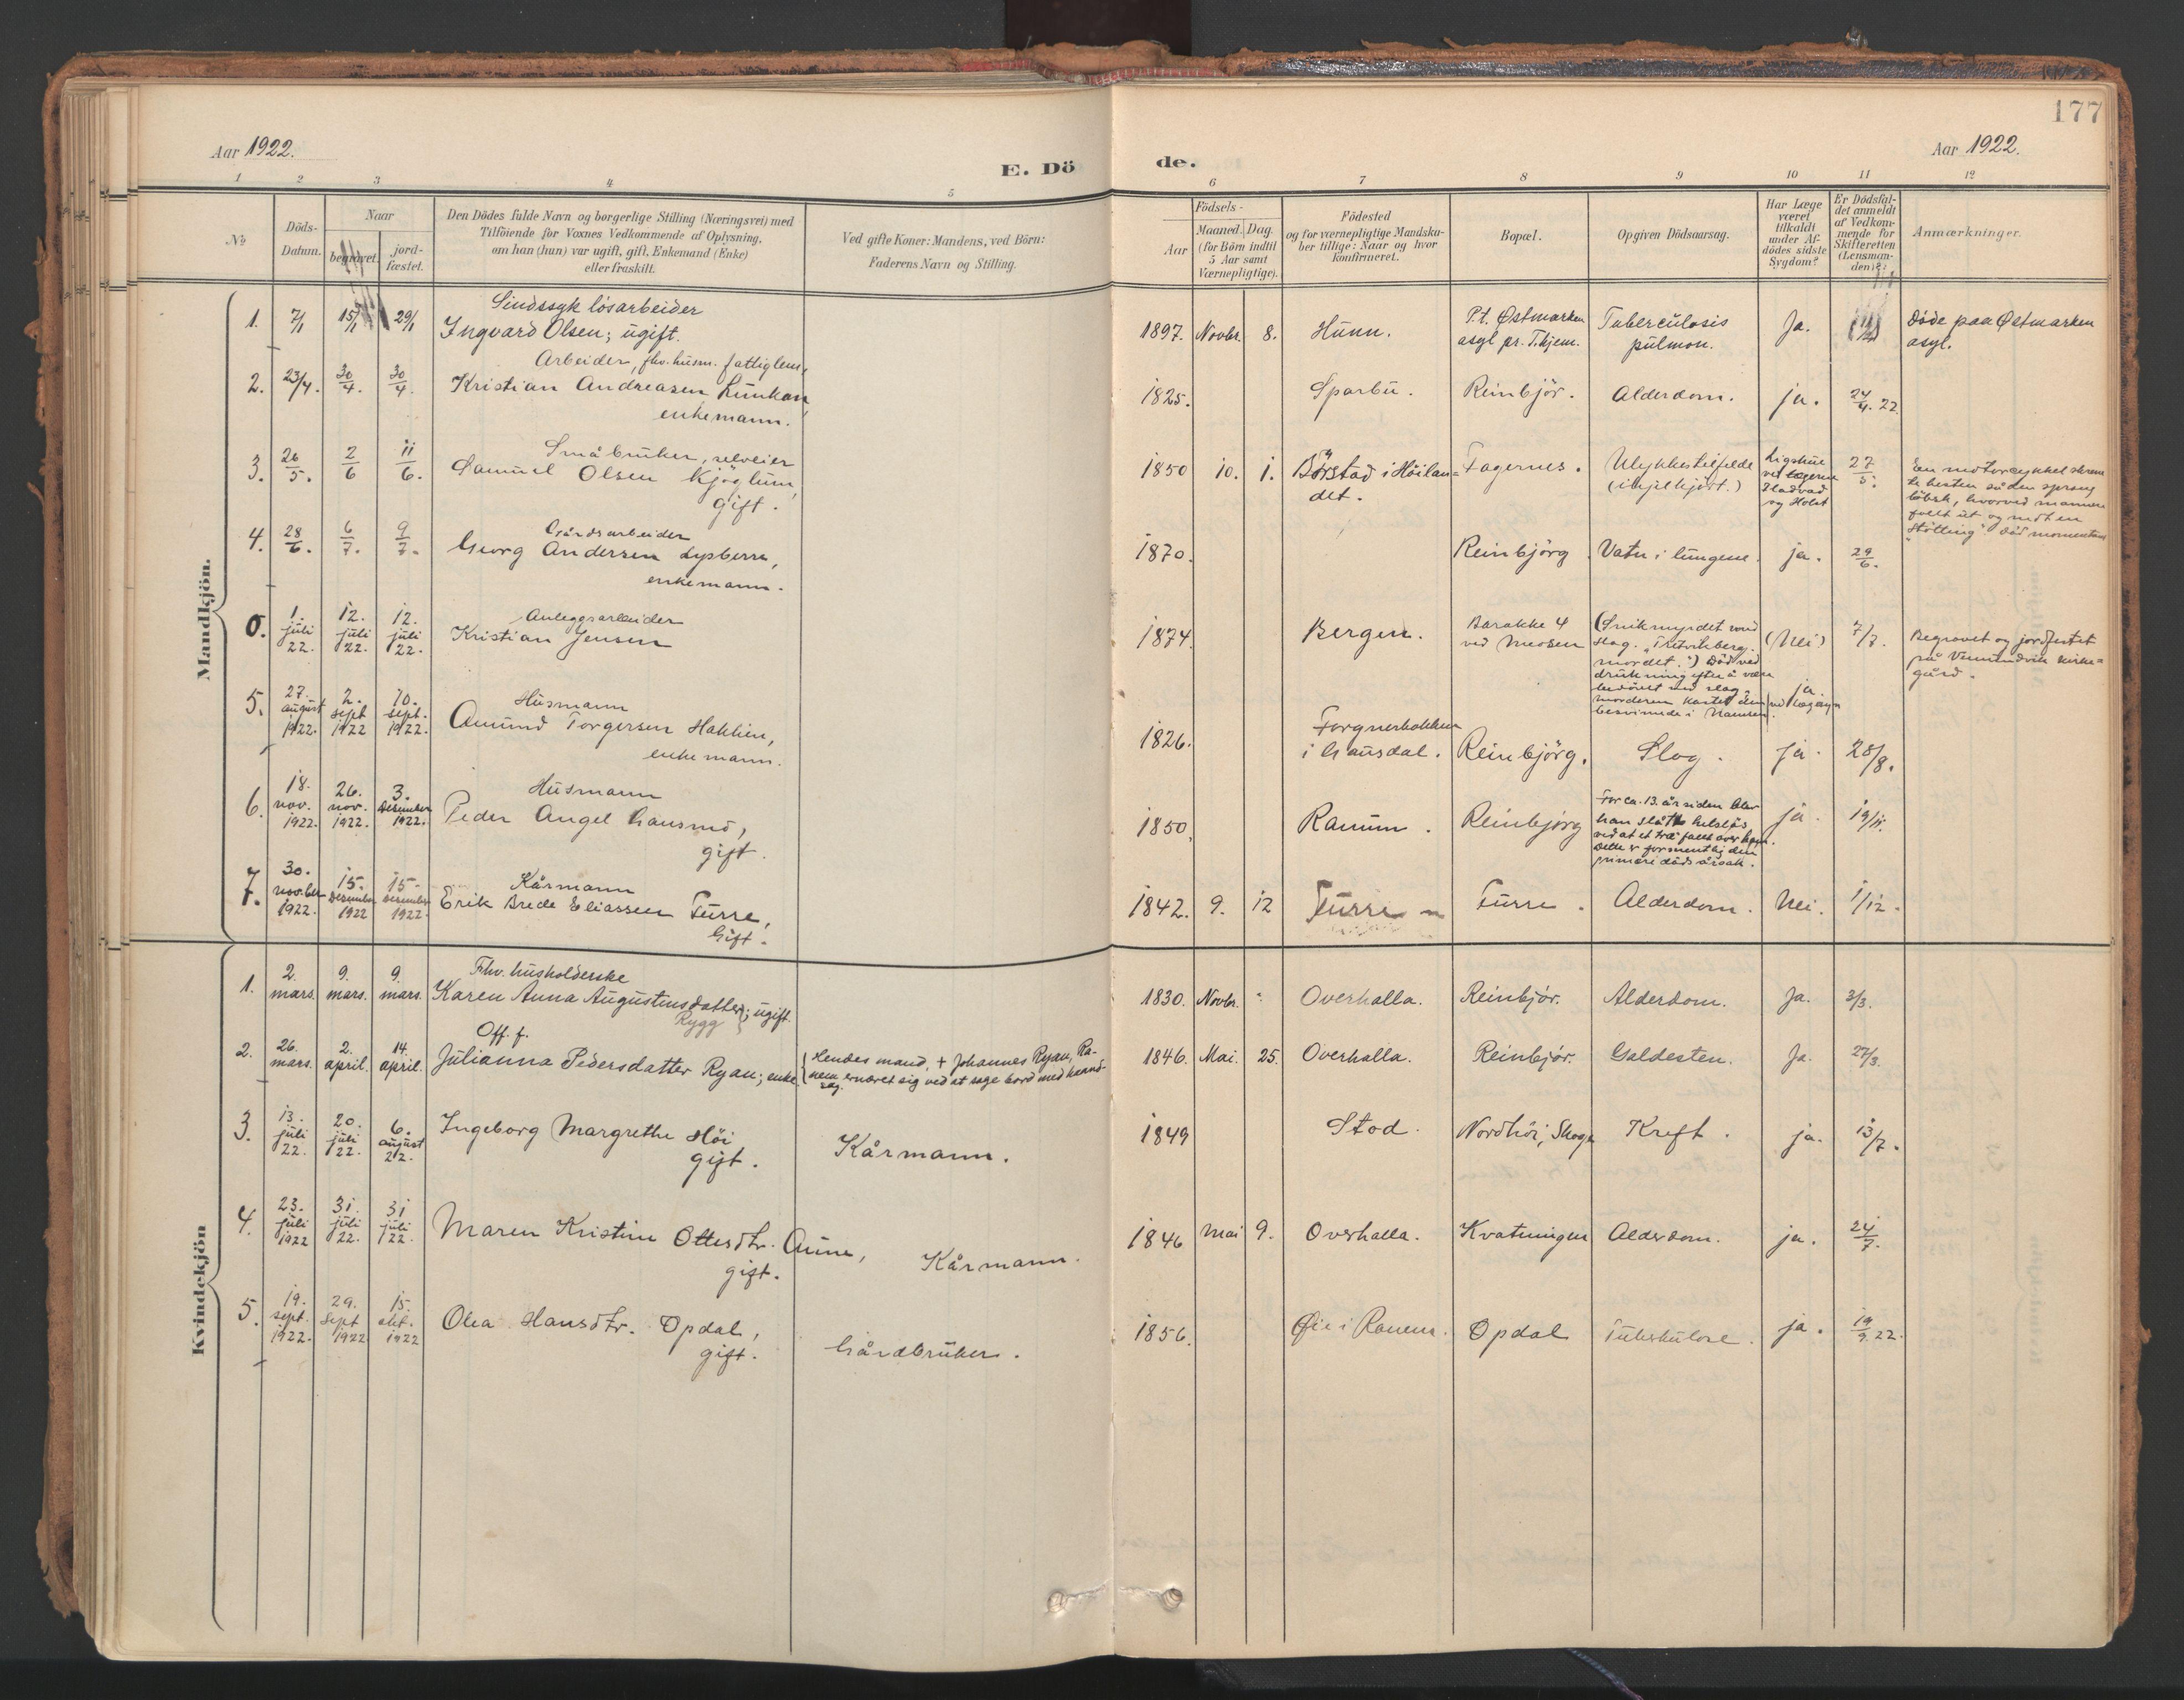 SAT, Ministerialprotokoller, klokkerbøker og fødselsregistre - Nord-Trøndelag, 766/L0564: Ministerialbok nr. 767A02, 1900-1932, s. 177